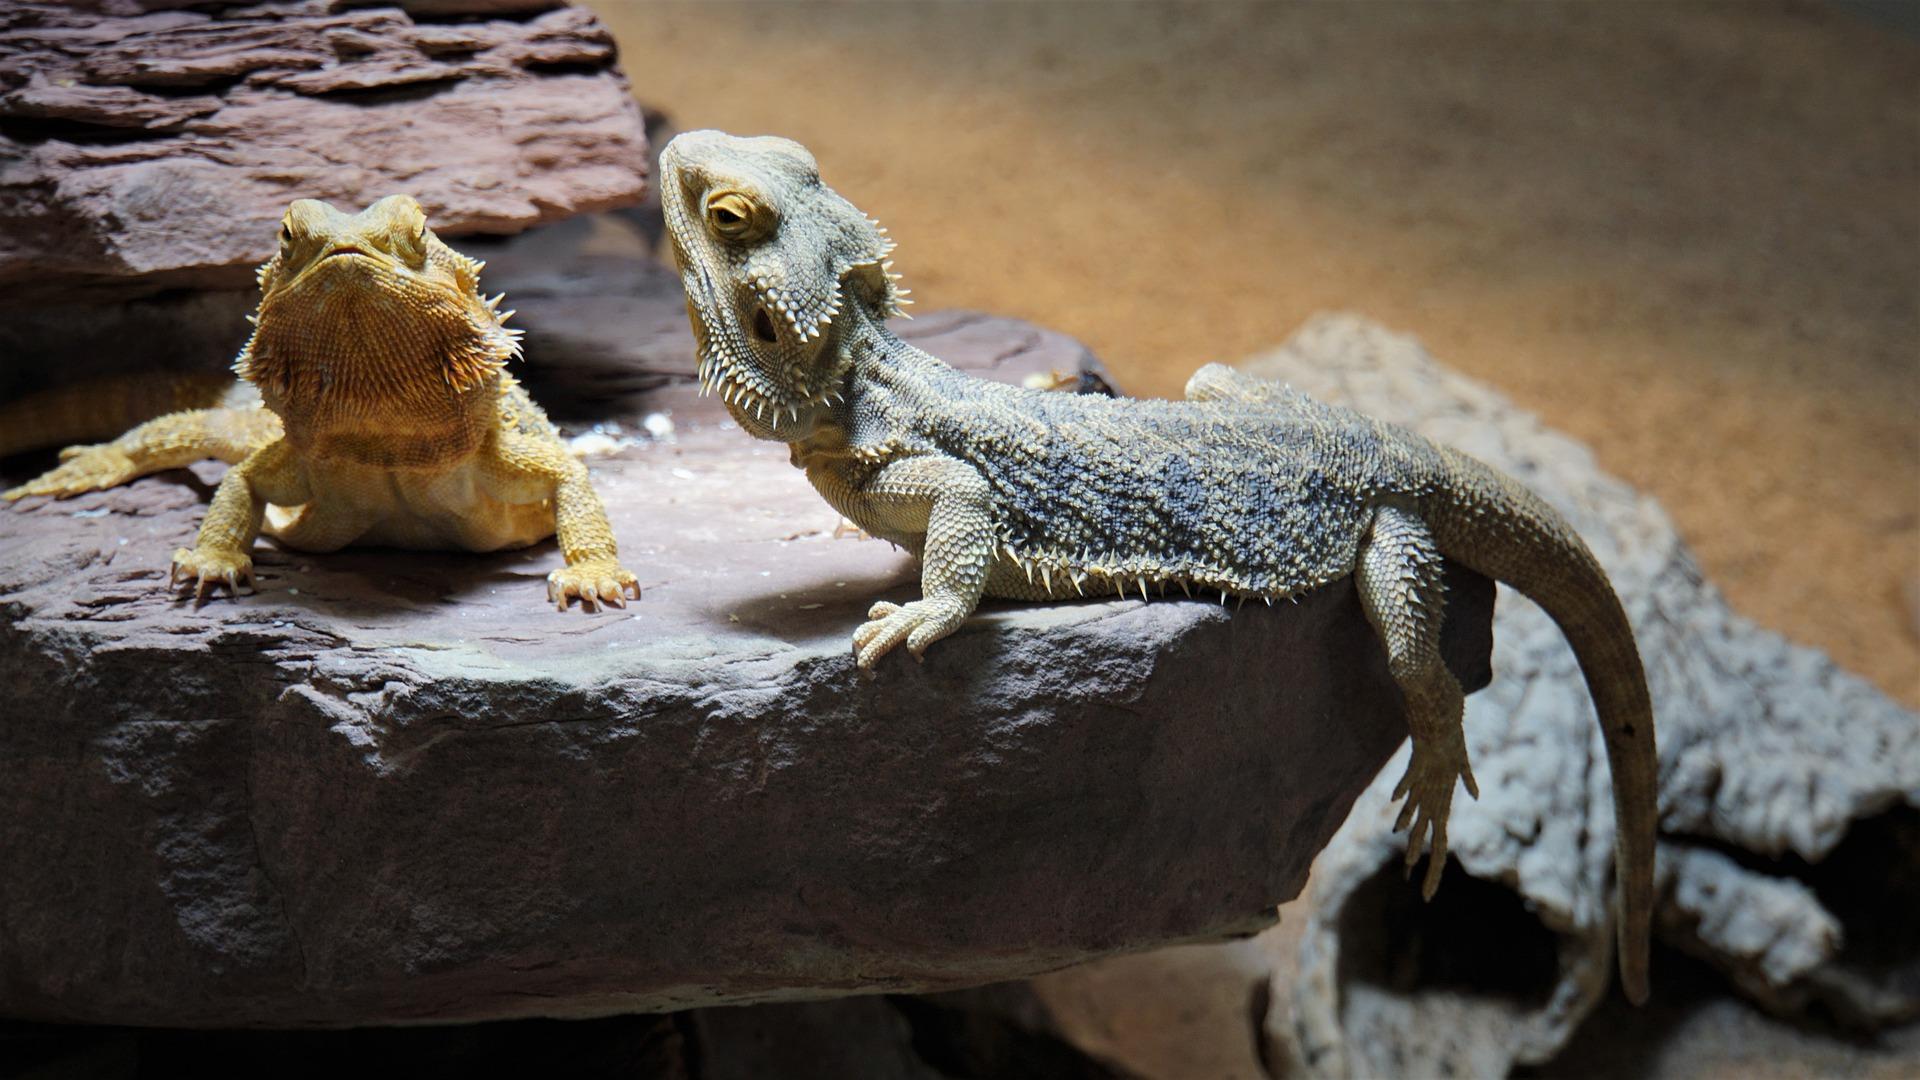 Lizard Head Bobbing